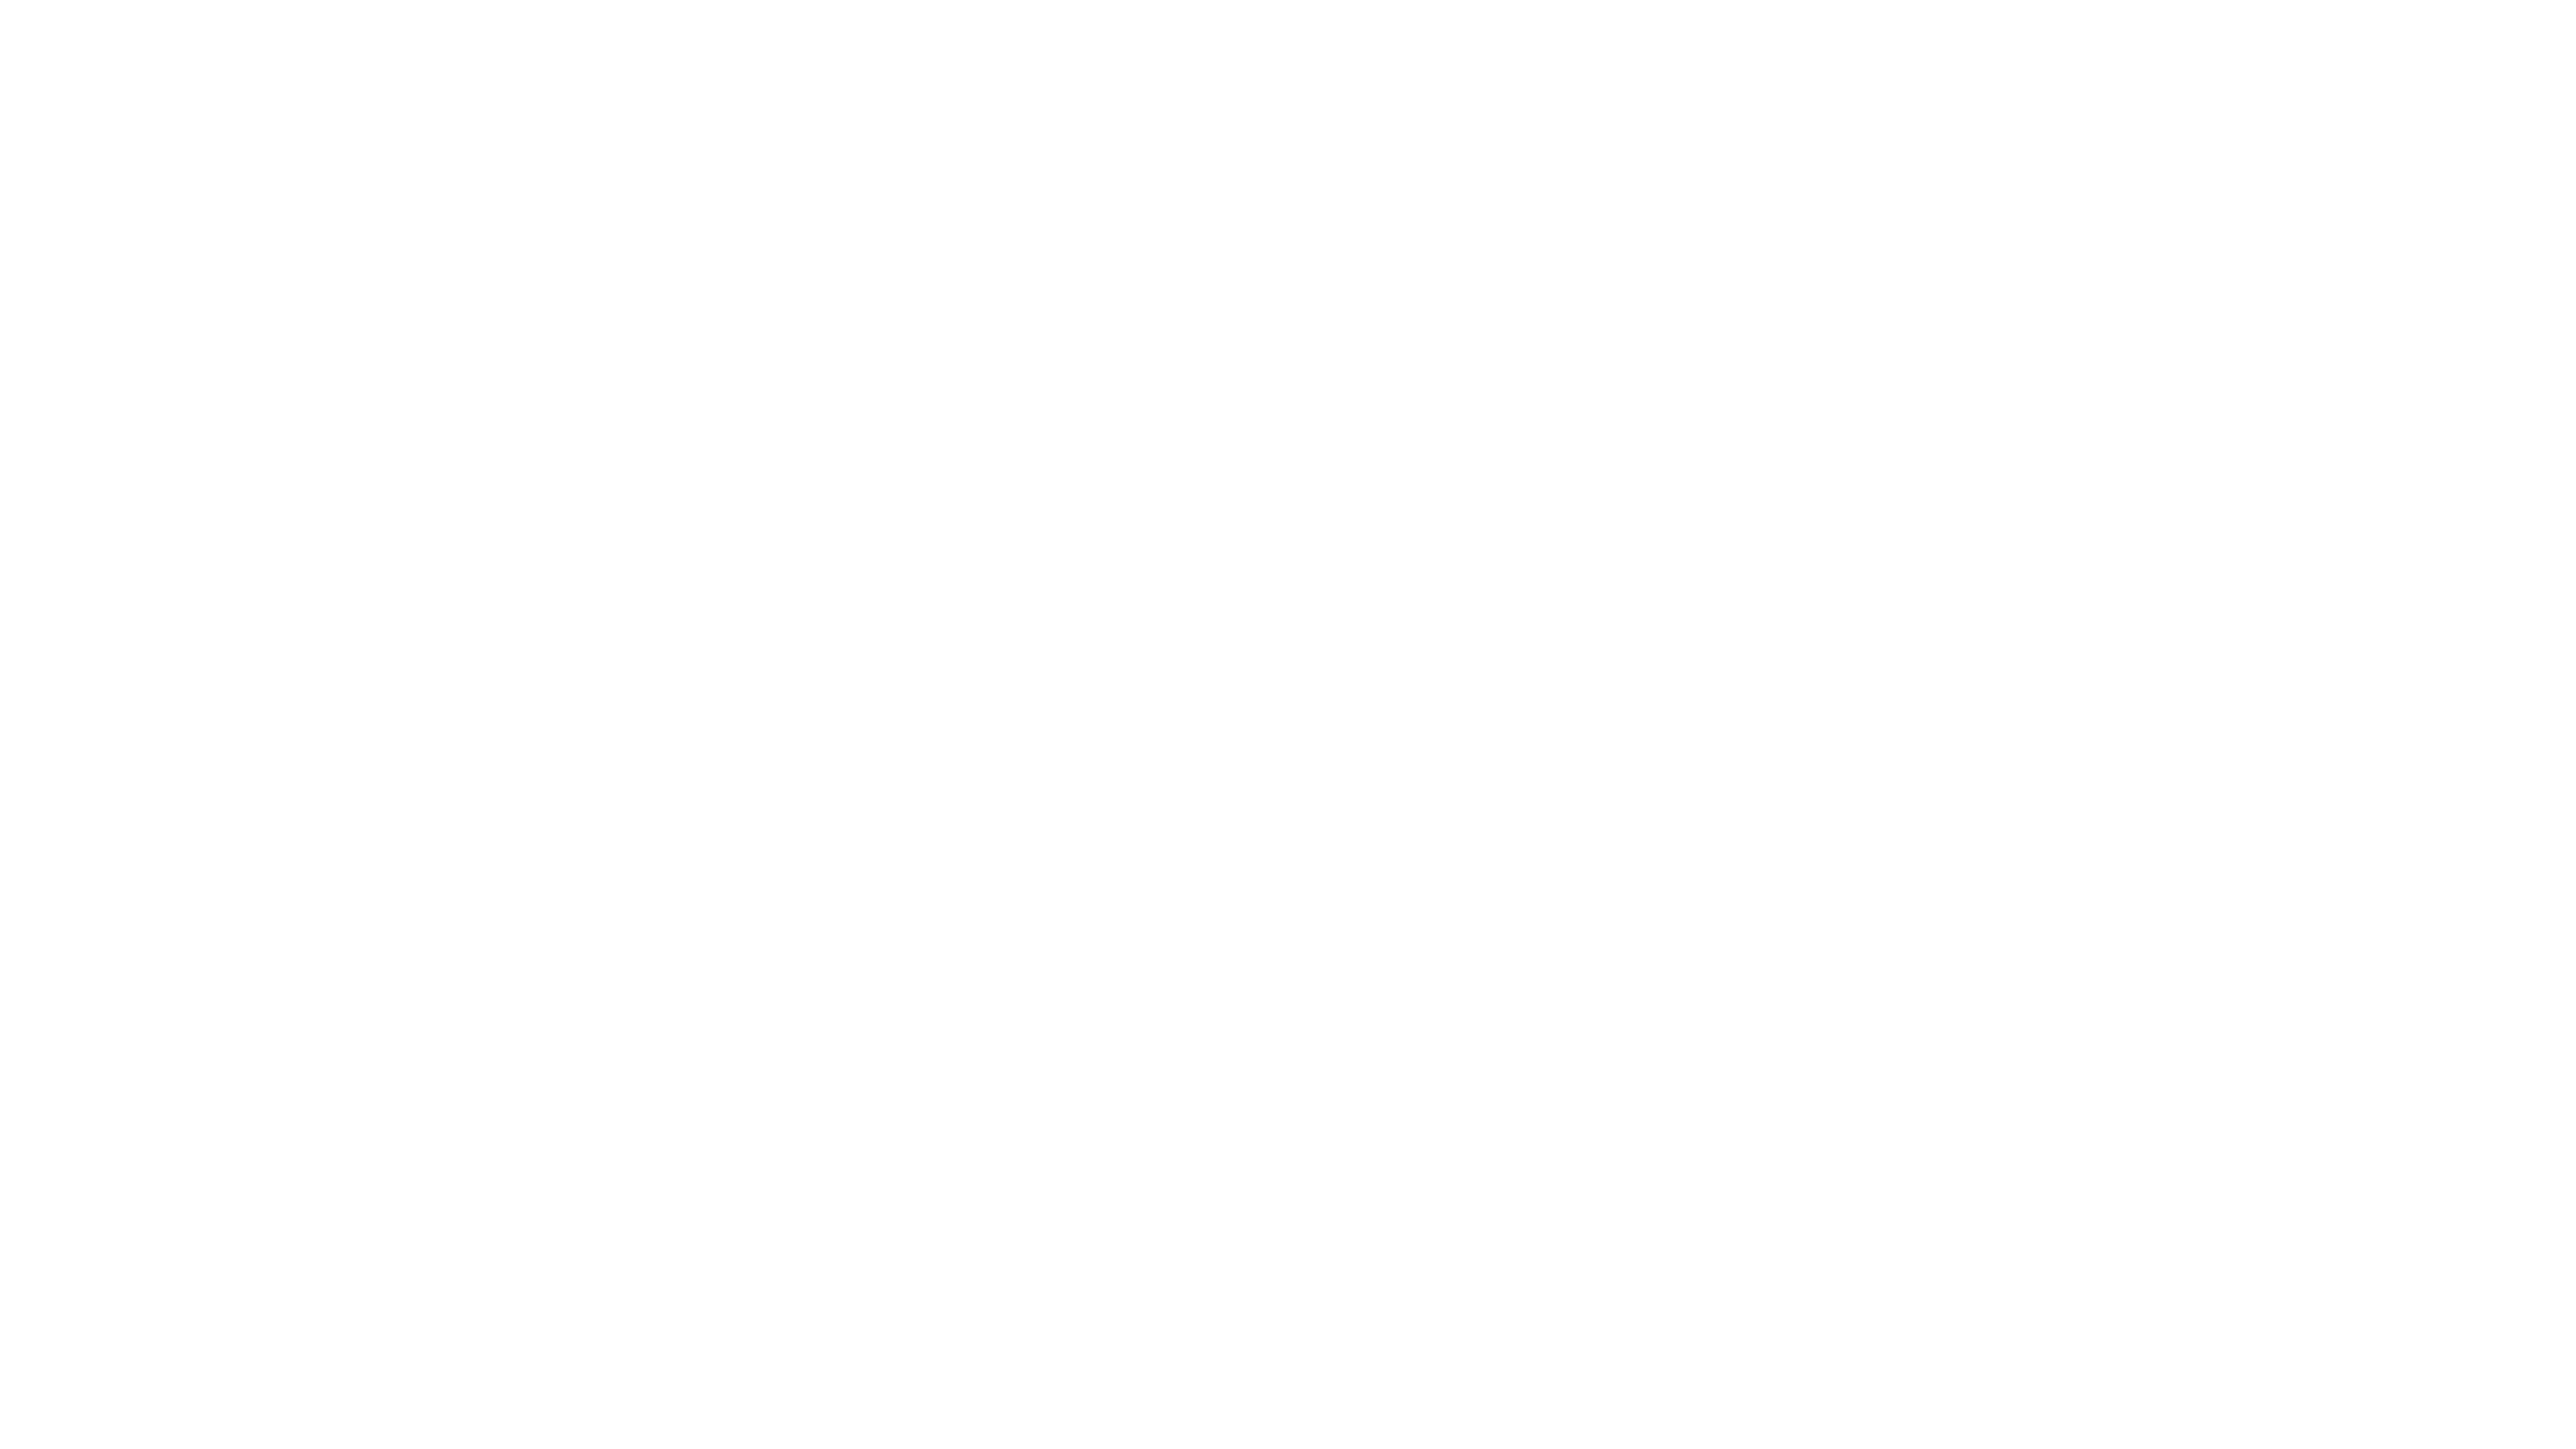 EGG_FR_2018_WHITE_1920x1080